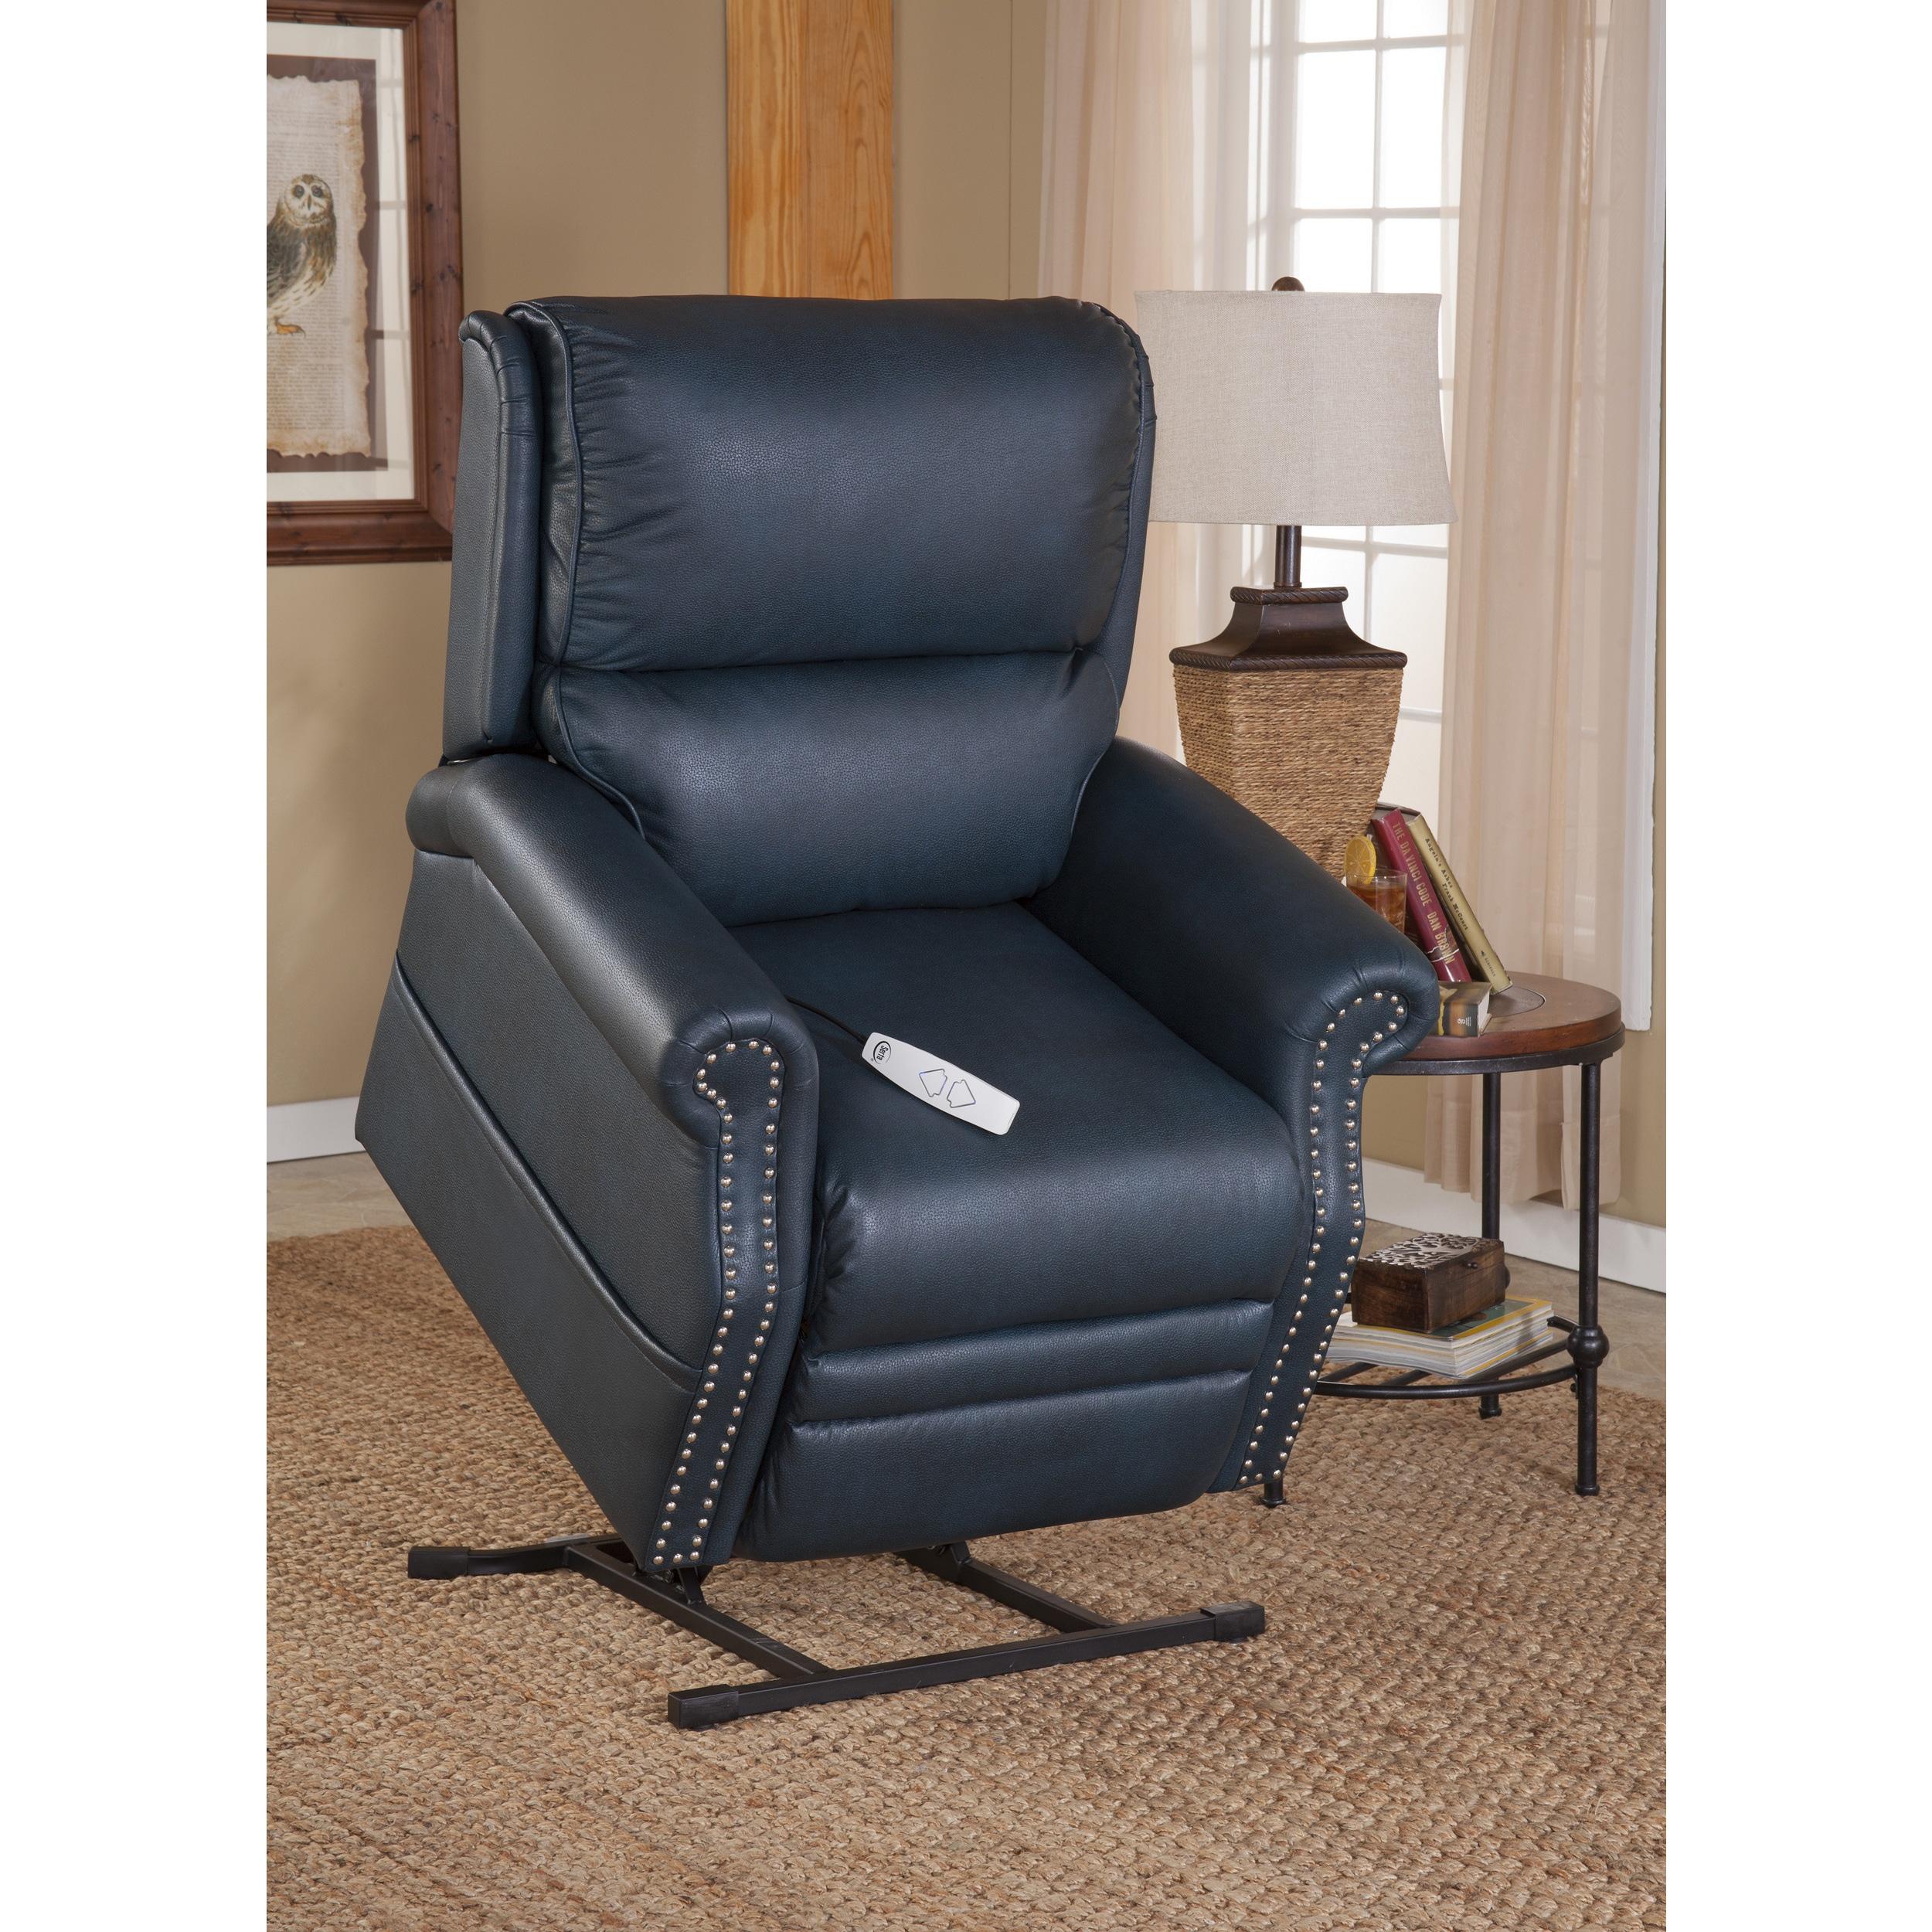 lift ip comfort serta recliner chair mystic